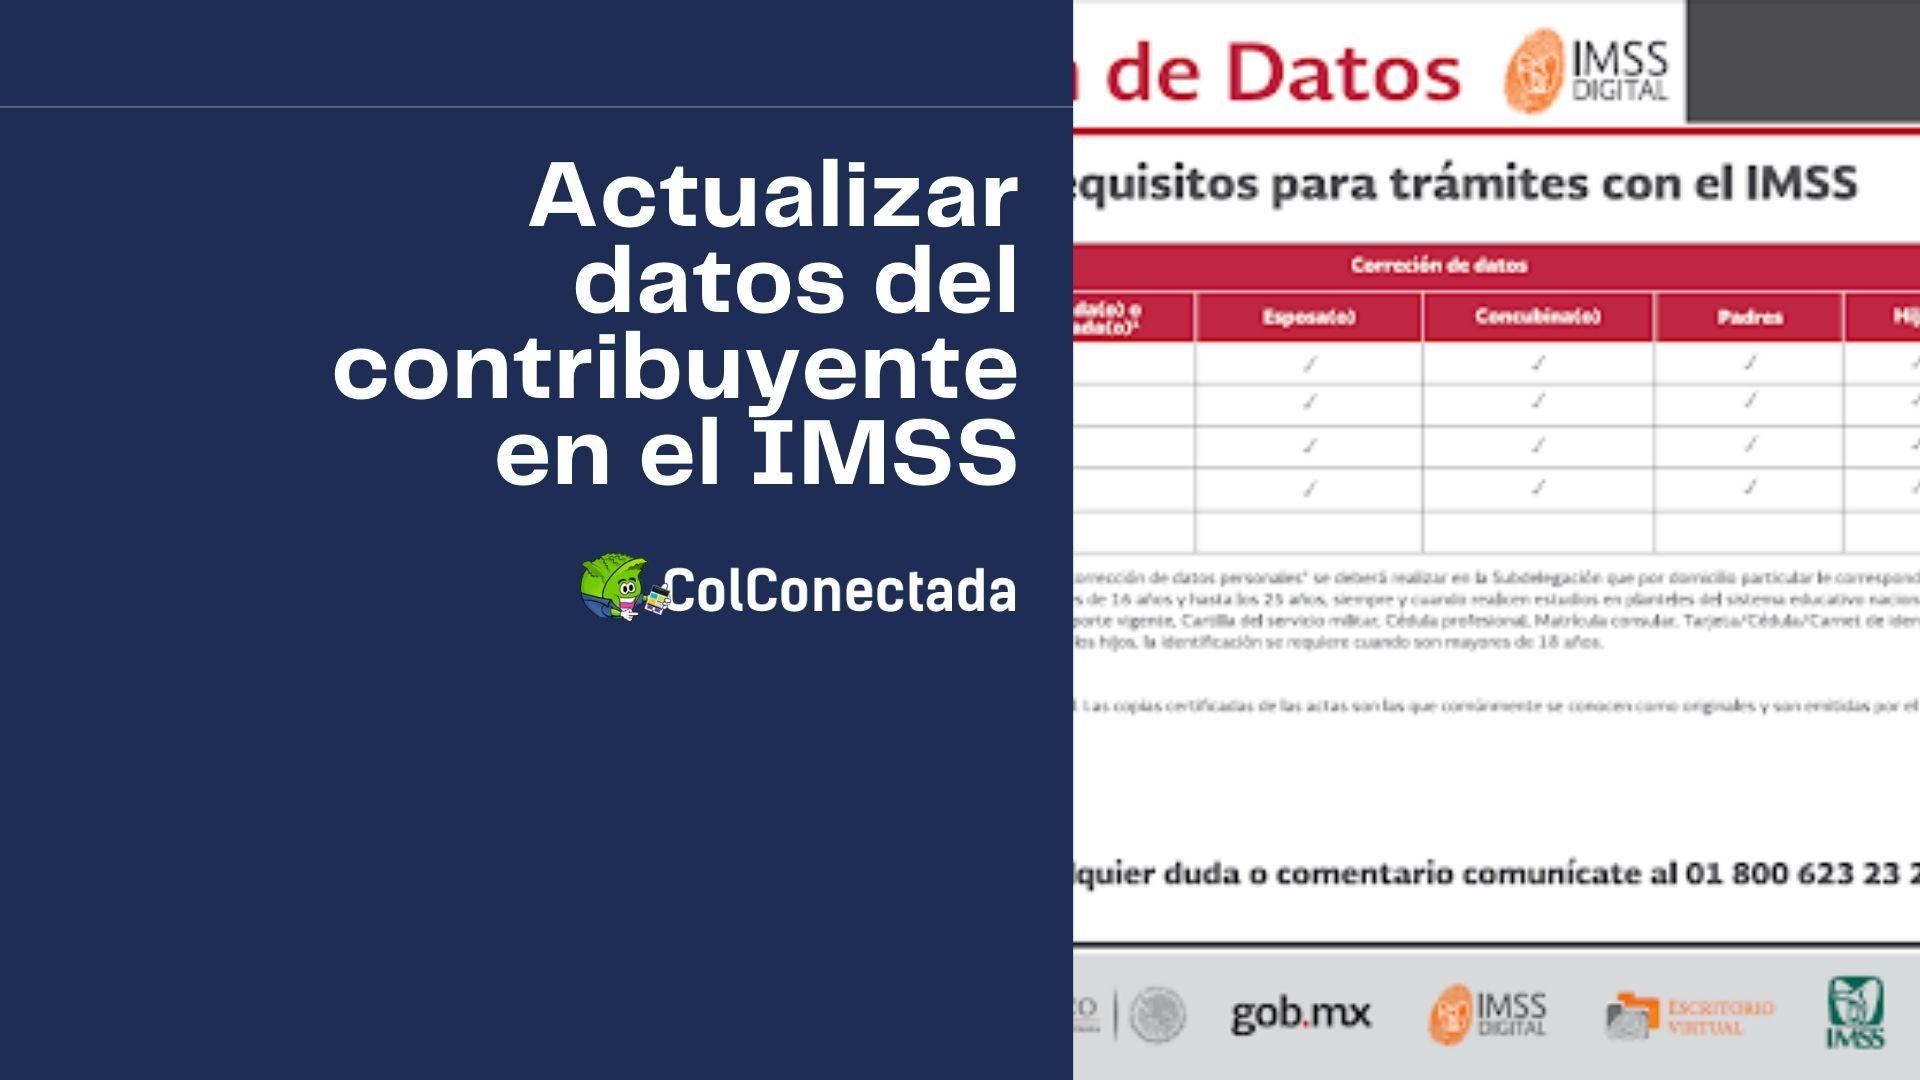 Cómo actualizar datos del asegurado o pensionado en el IMSS 9